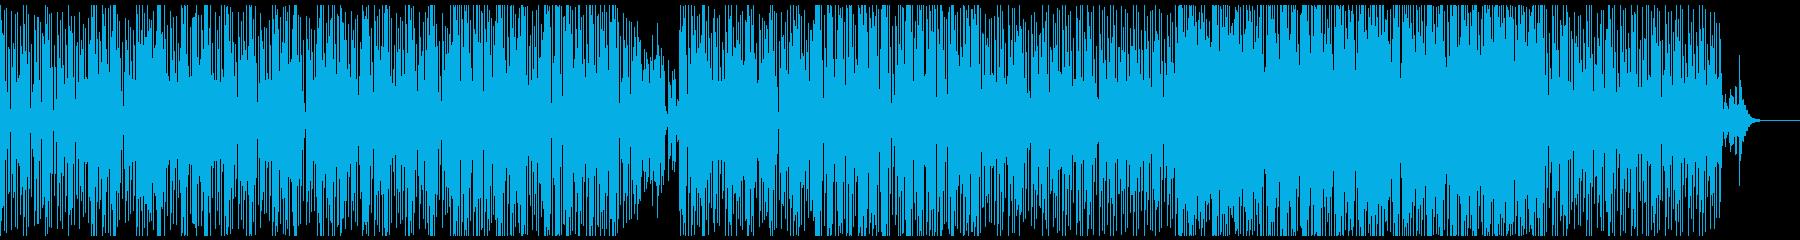 企業vp・CM・オシャレ応援歌イベント系の再生済みの波形